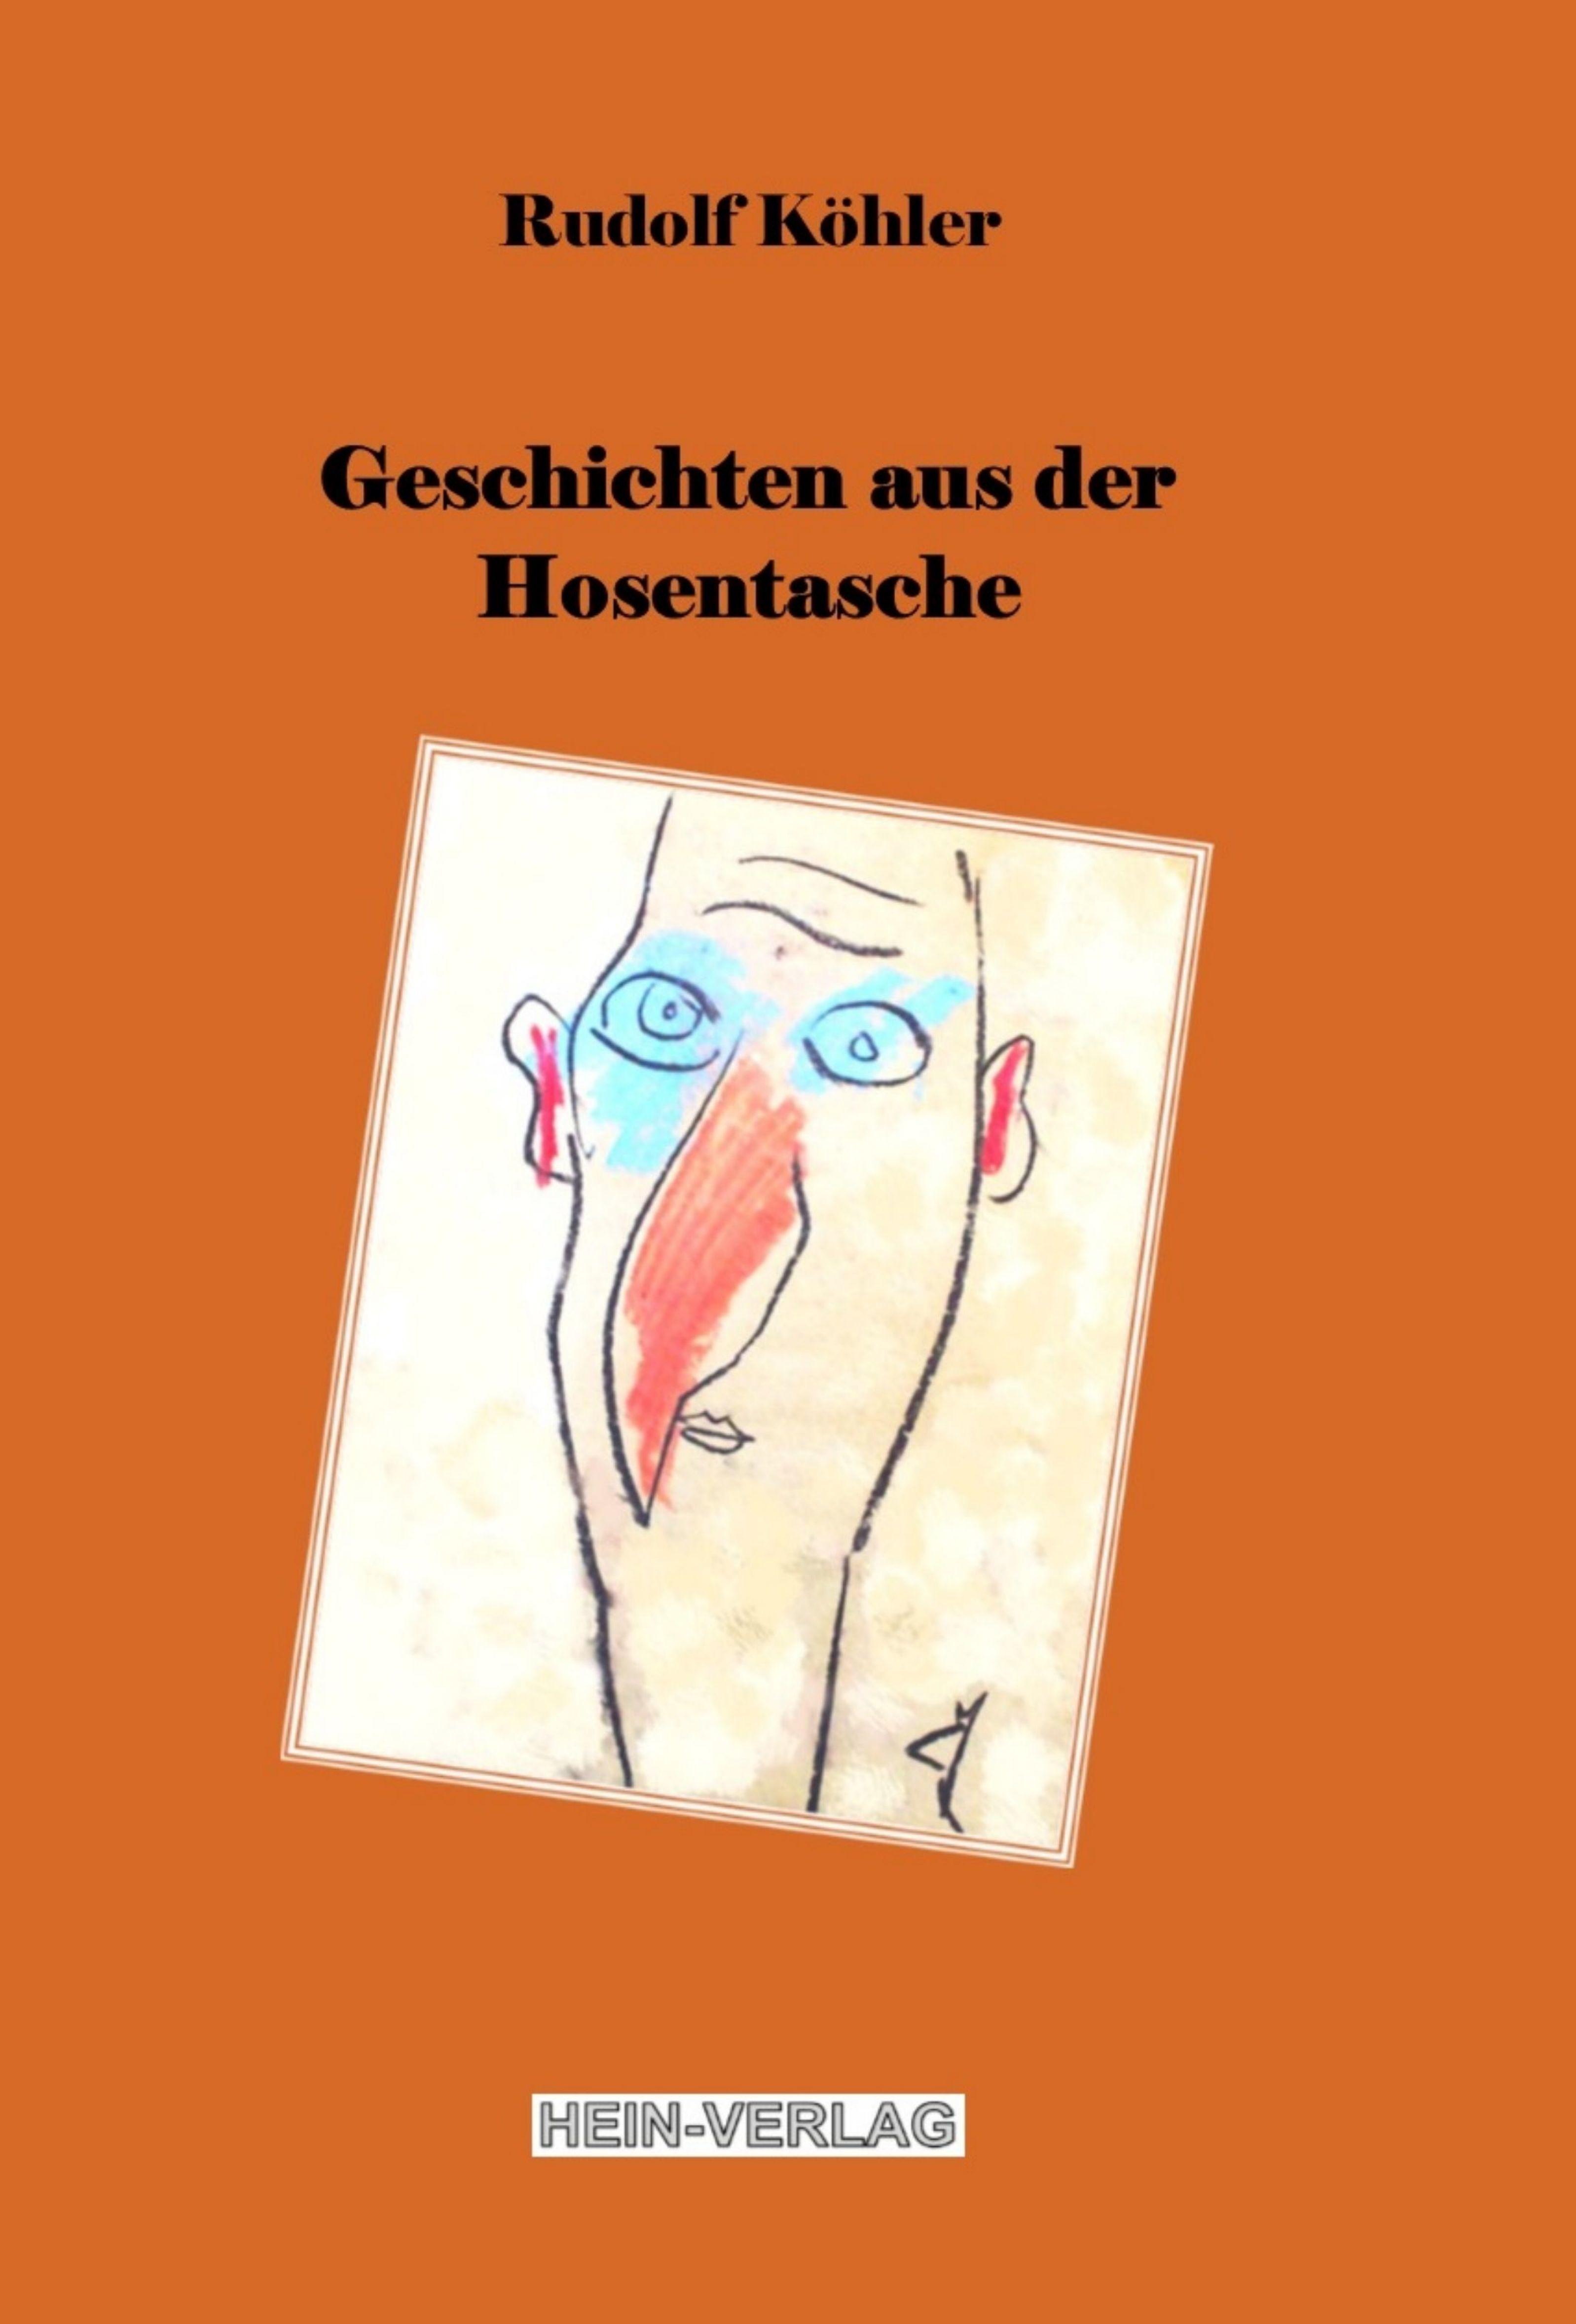 Rudolf Köhler Geschichten aus der Hosentasche